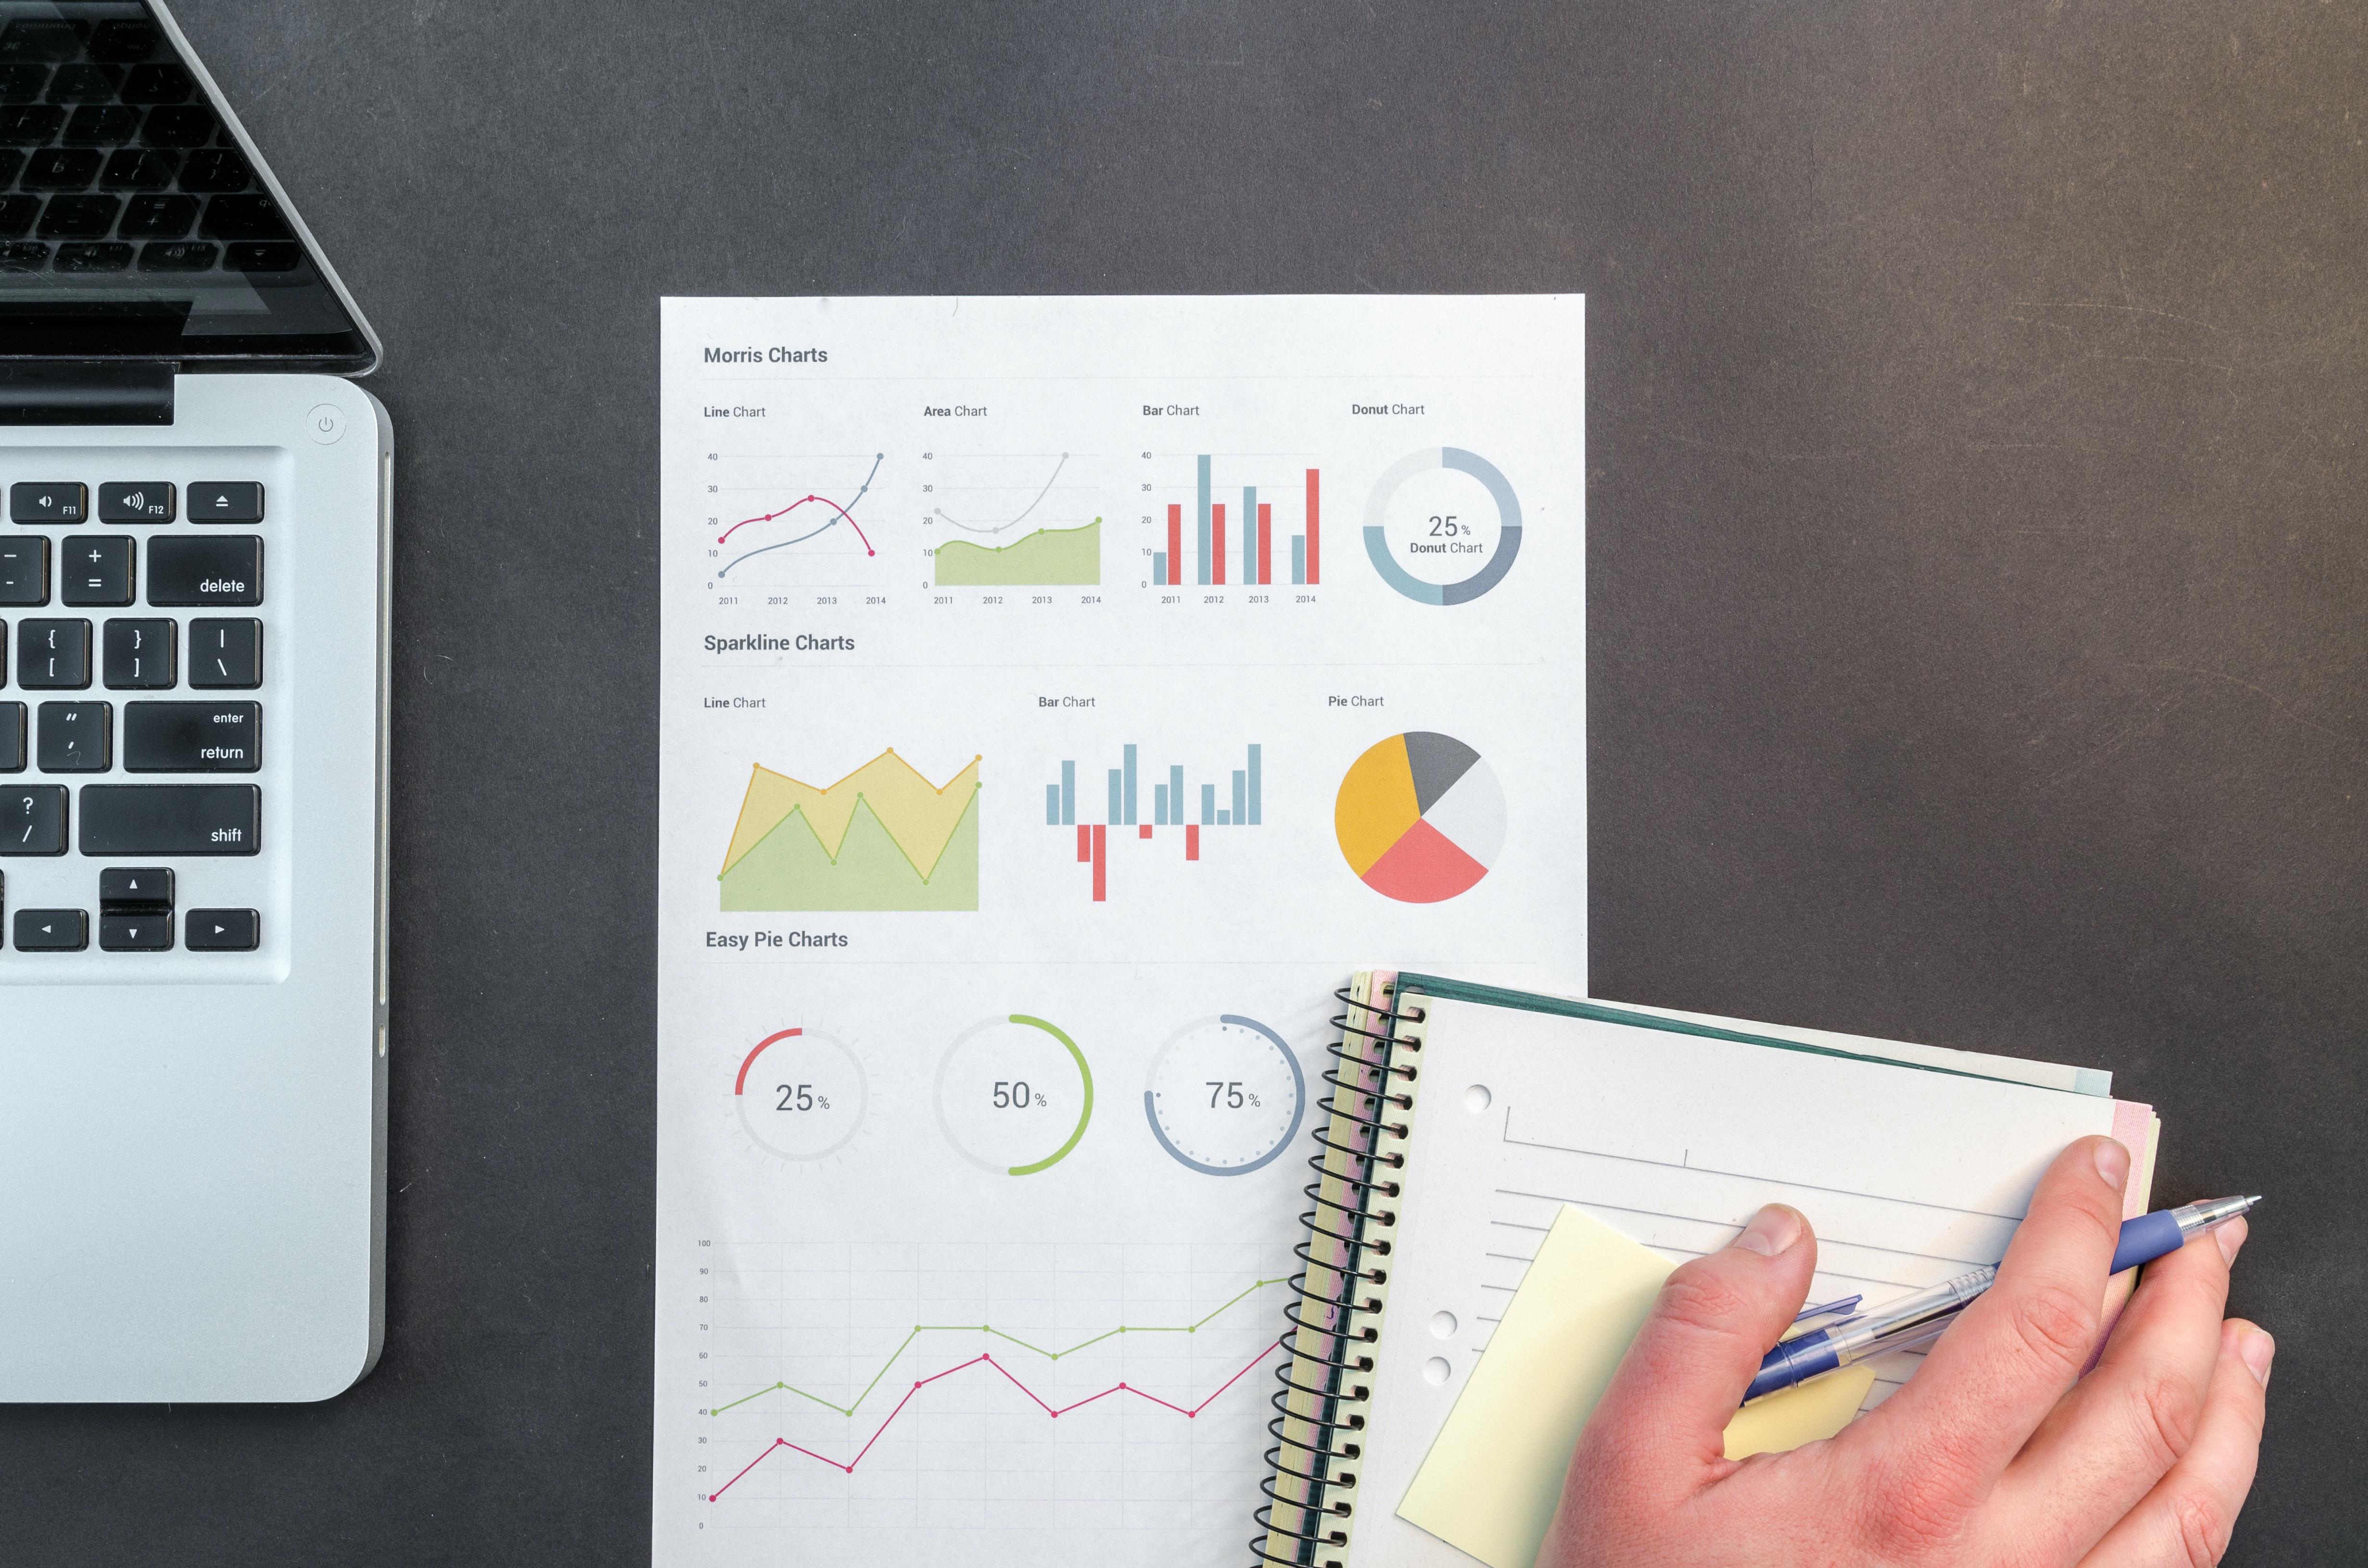 Ключевые метрики (KPI) в работе интернет-магазина, которые следует постоянно отслеживать